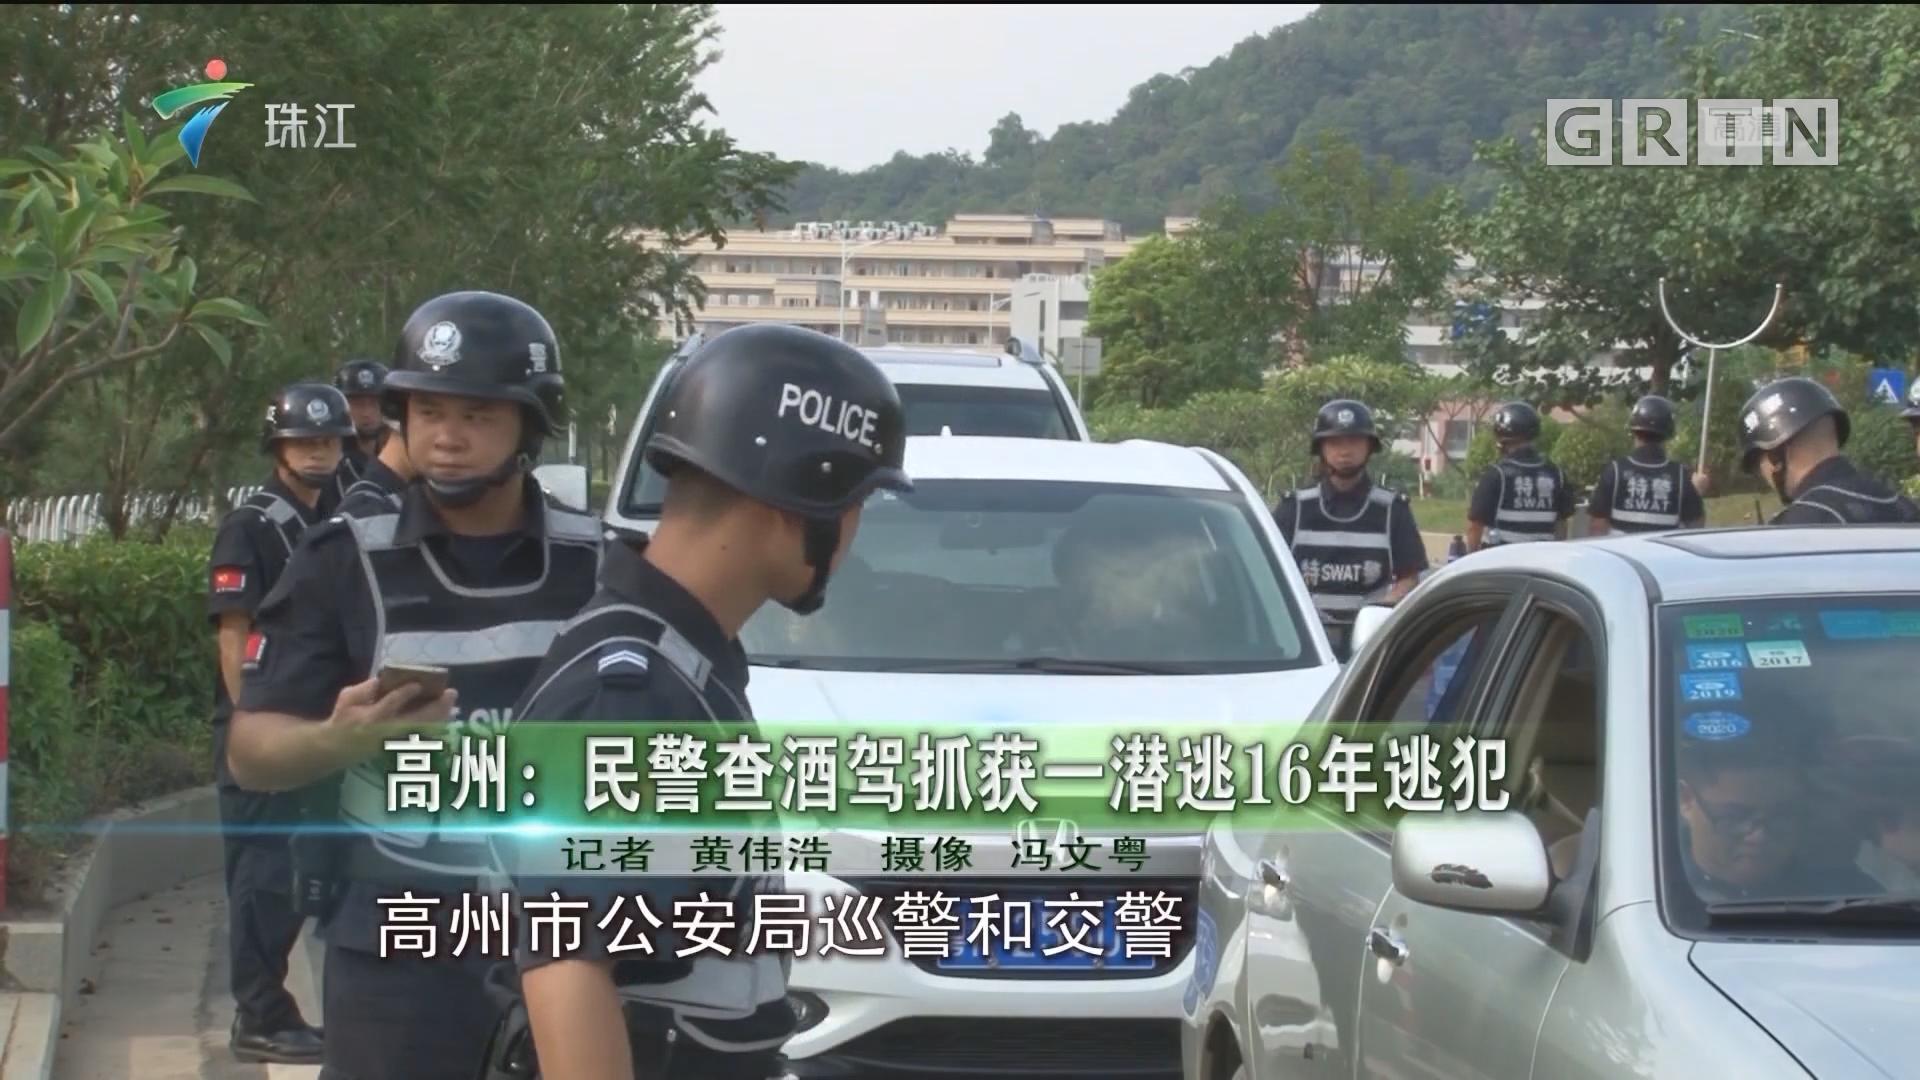 高州:民警查酒駕抓獲一潛逃16年逃犯